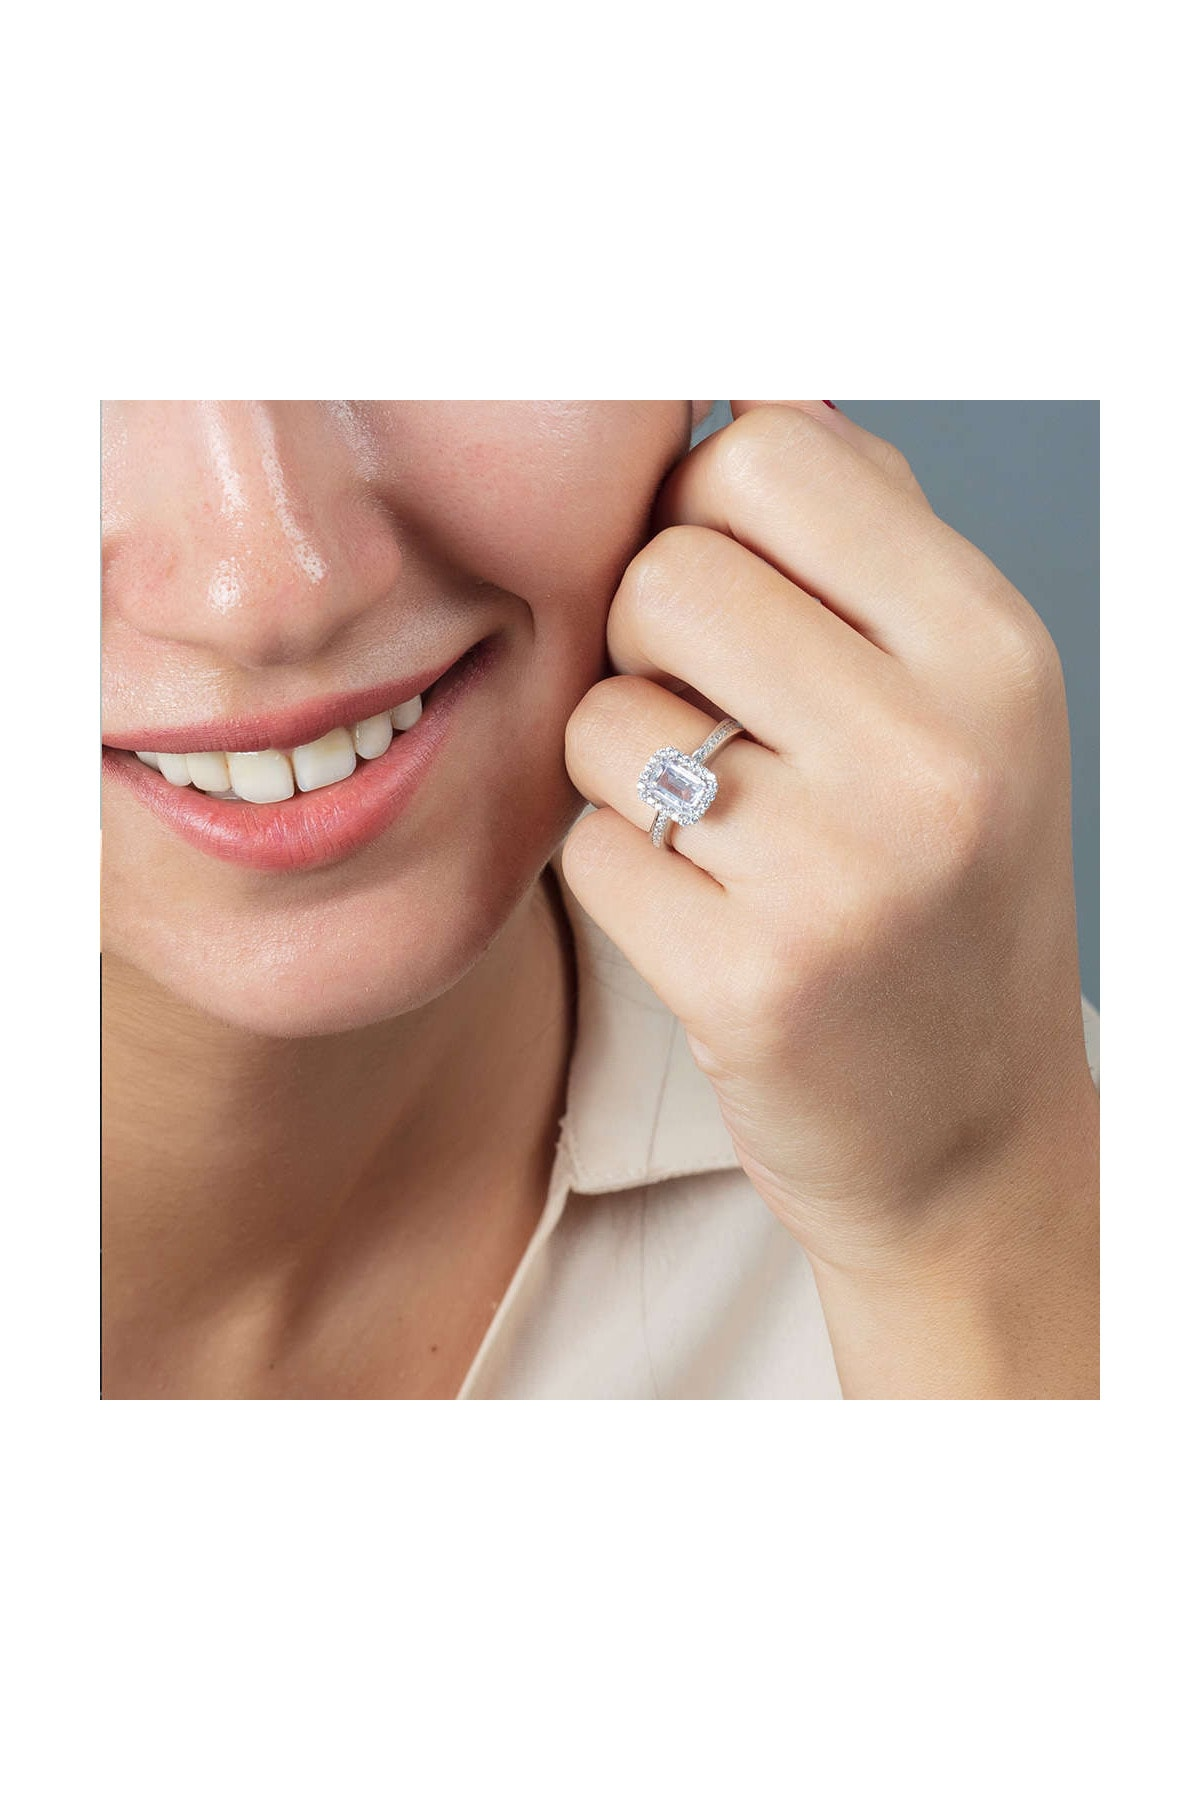 Tesbihane Starlight Diamond Pırlanta Montür Zarif Tasarım 925 Ayar Gümüş Bayan Baget Yüzük 102001798 2